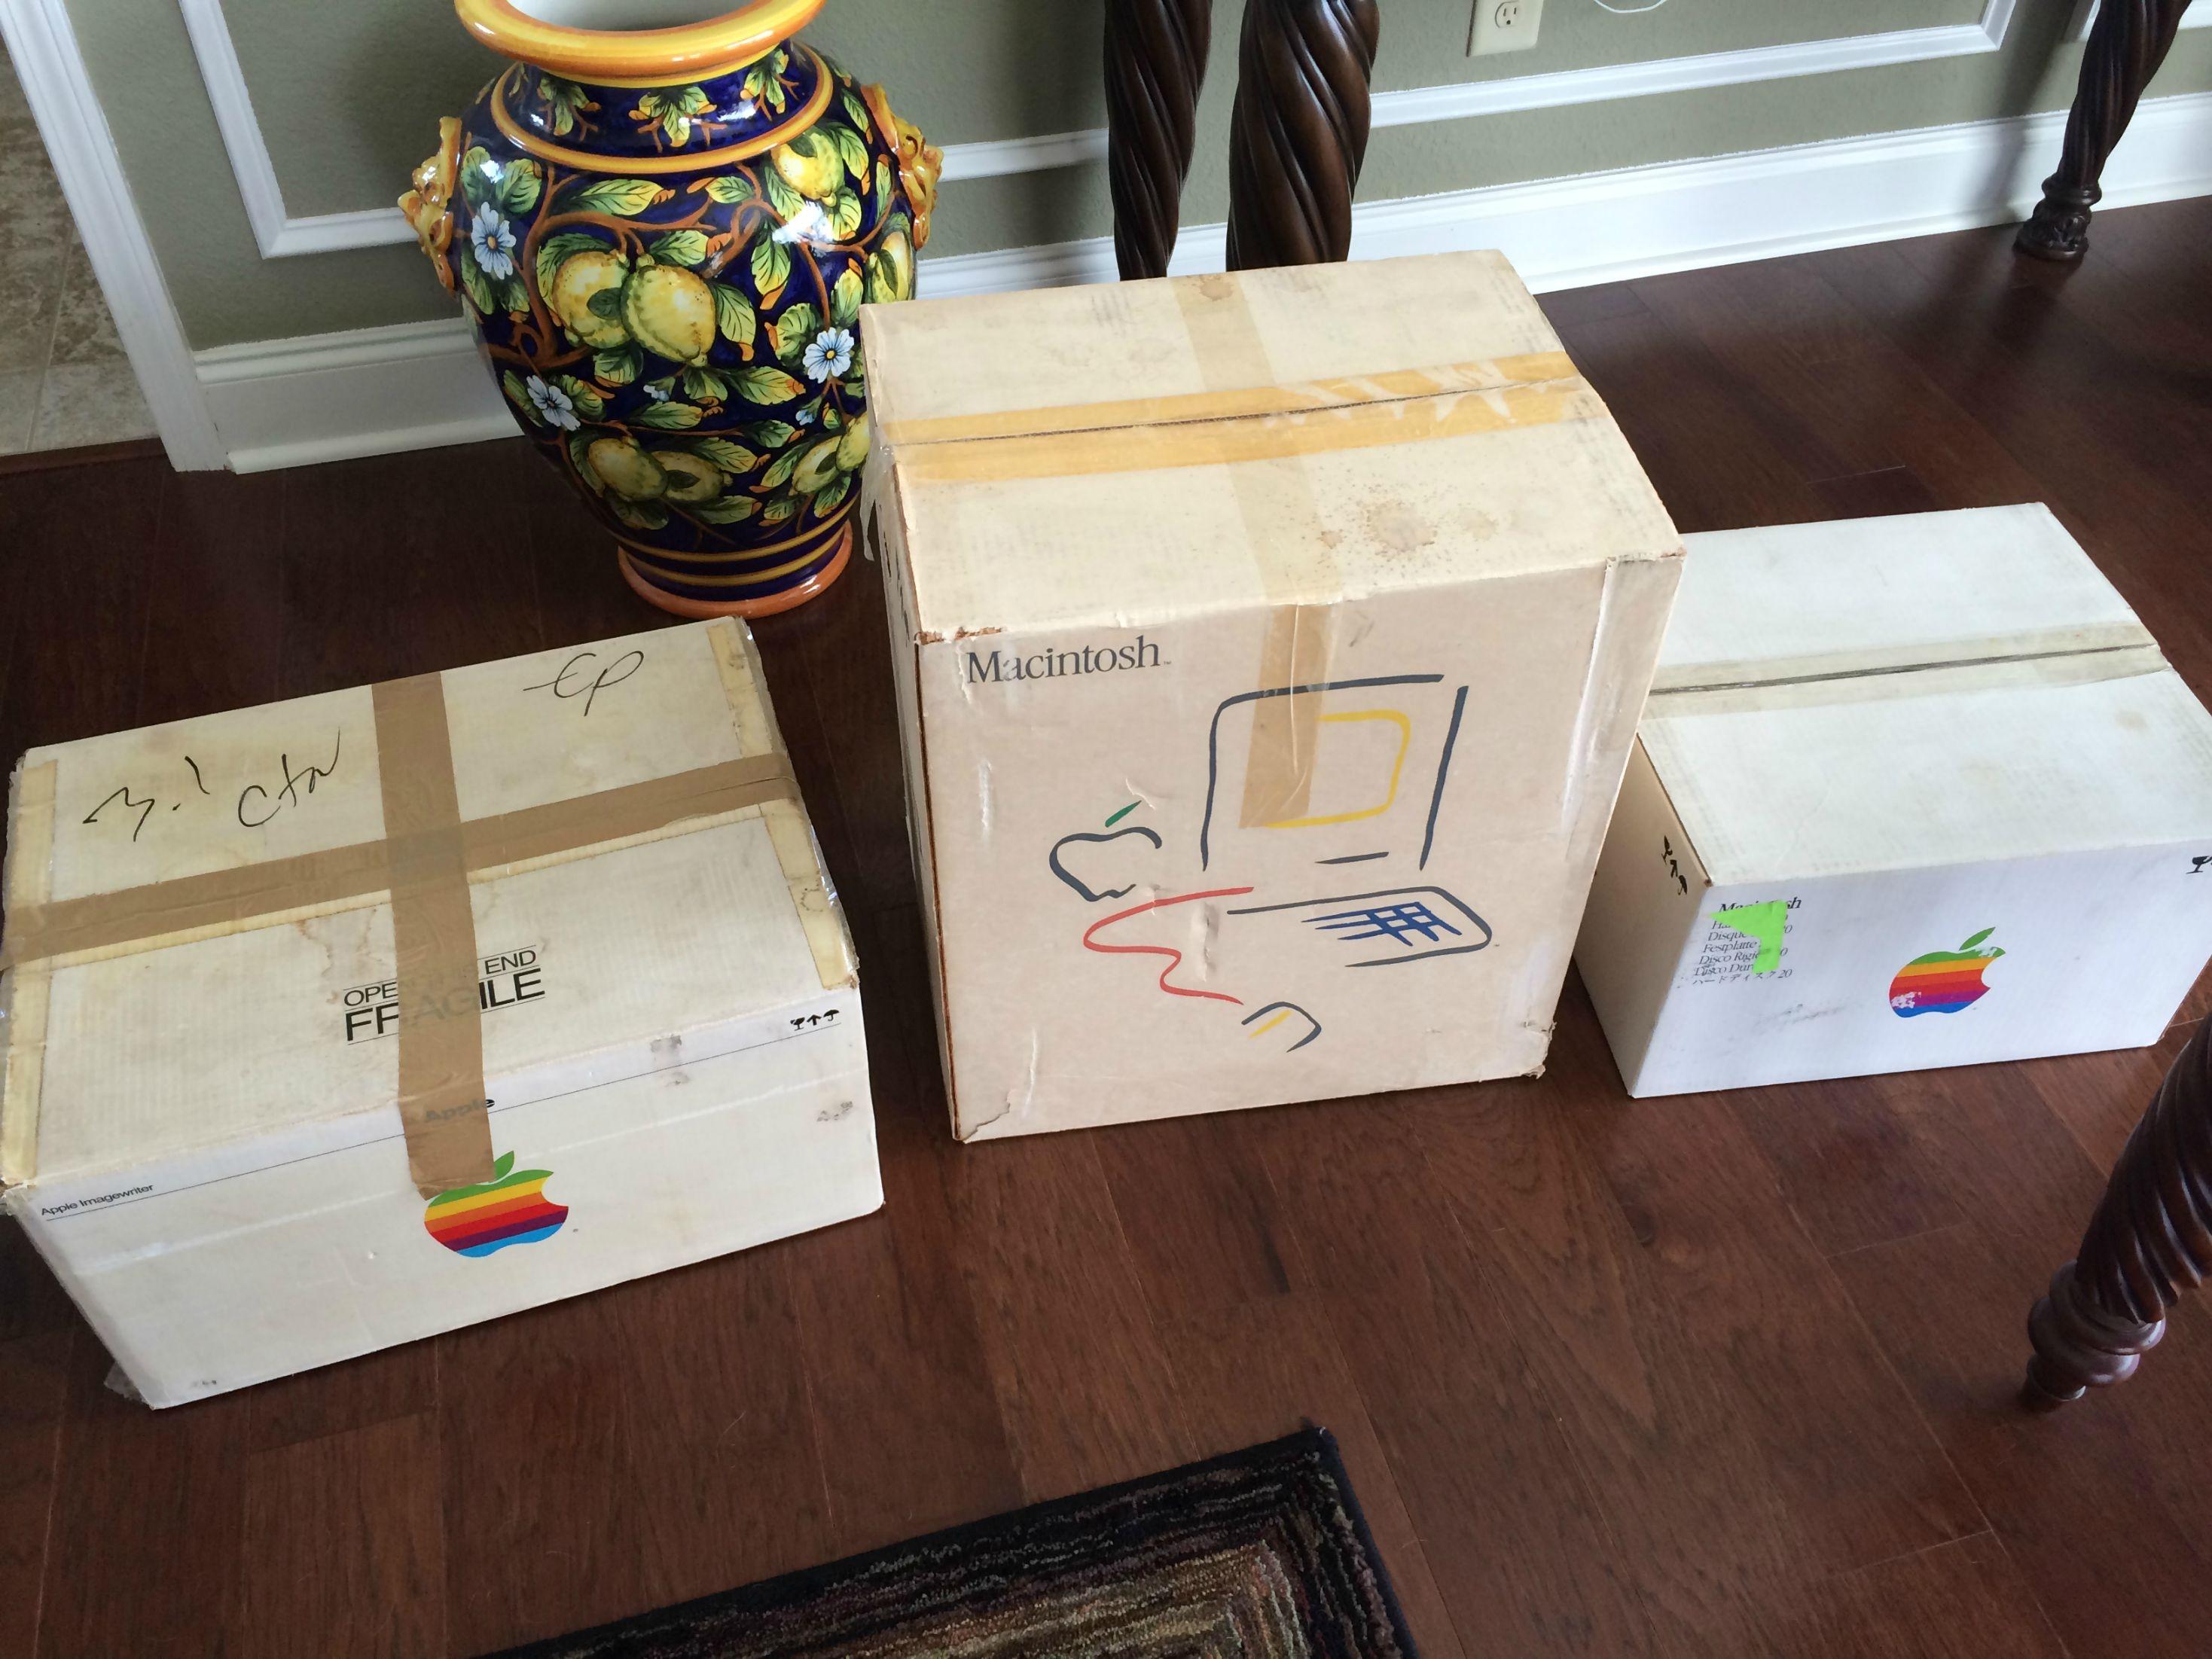 Apple Macintosh funciona normalmente após ficar 30 anos guardado em armazém